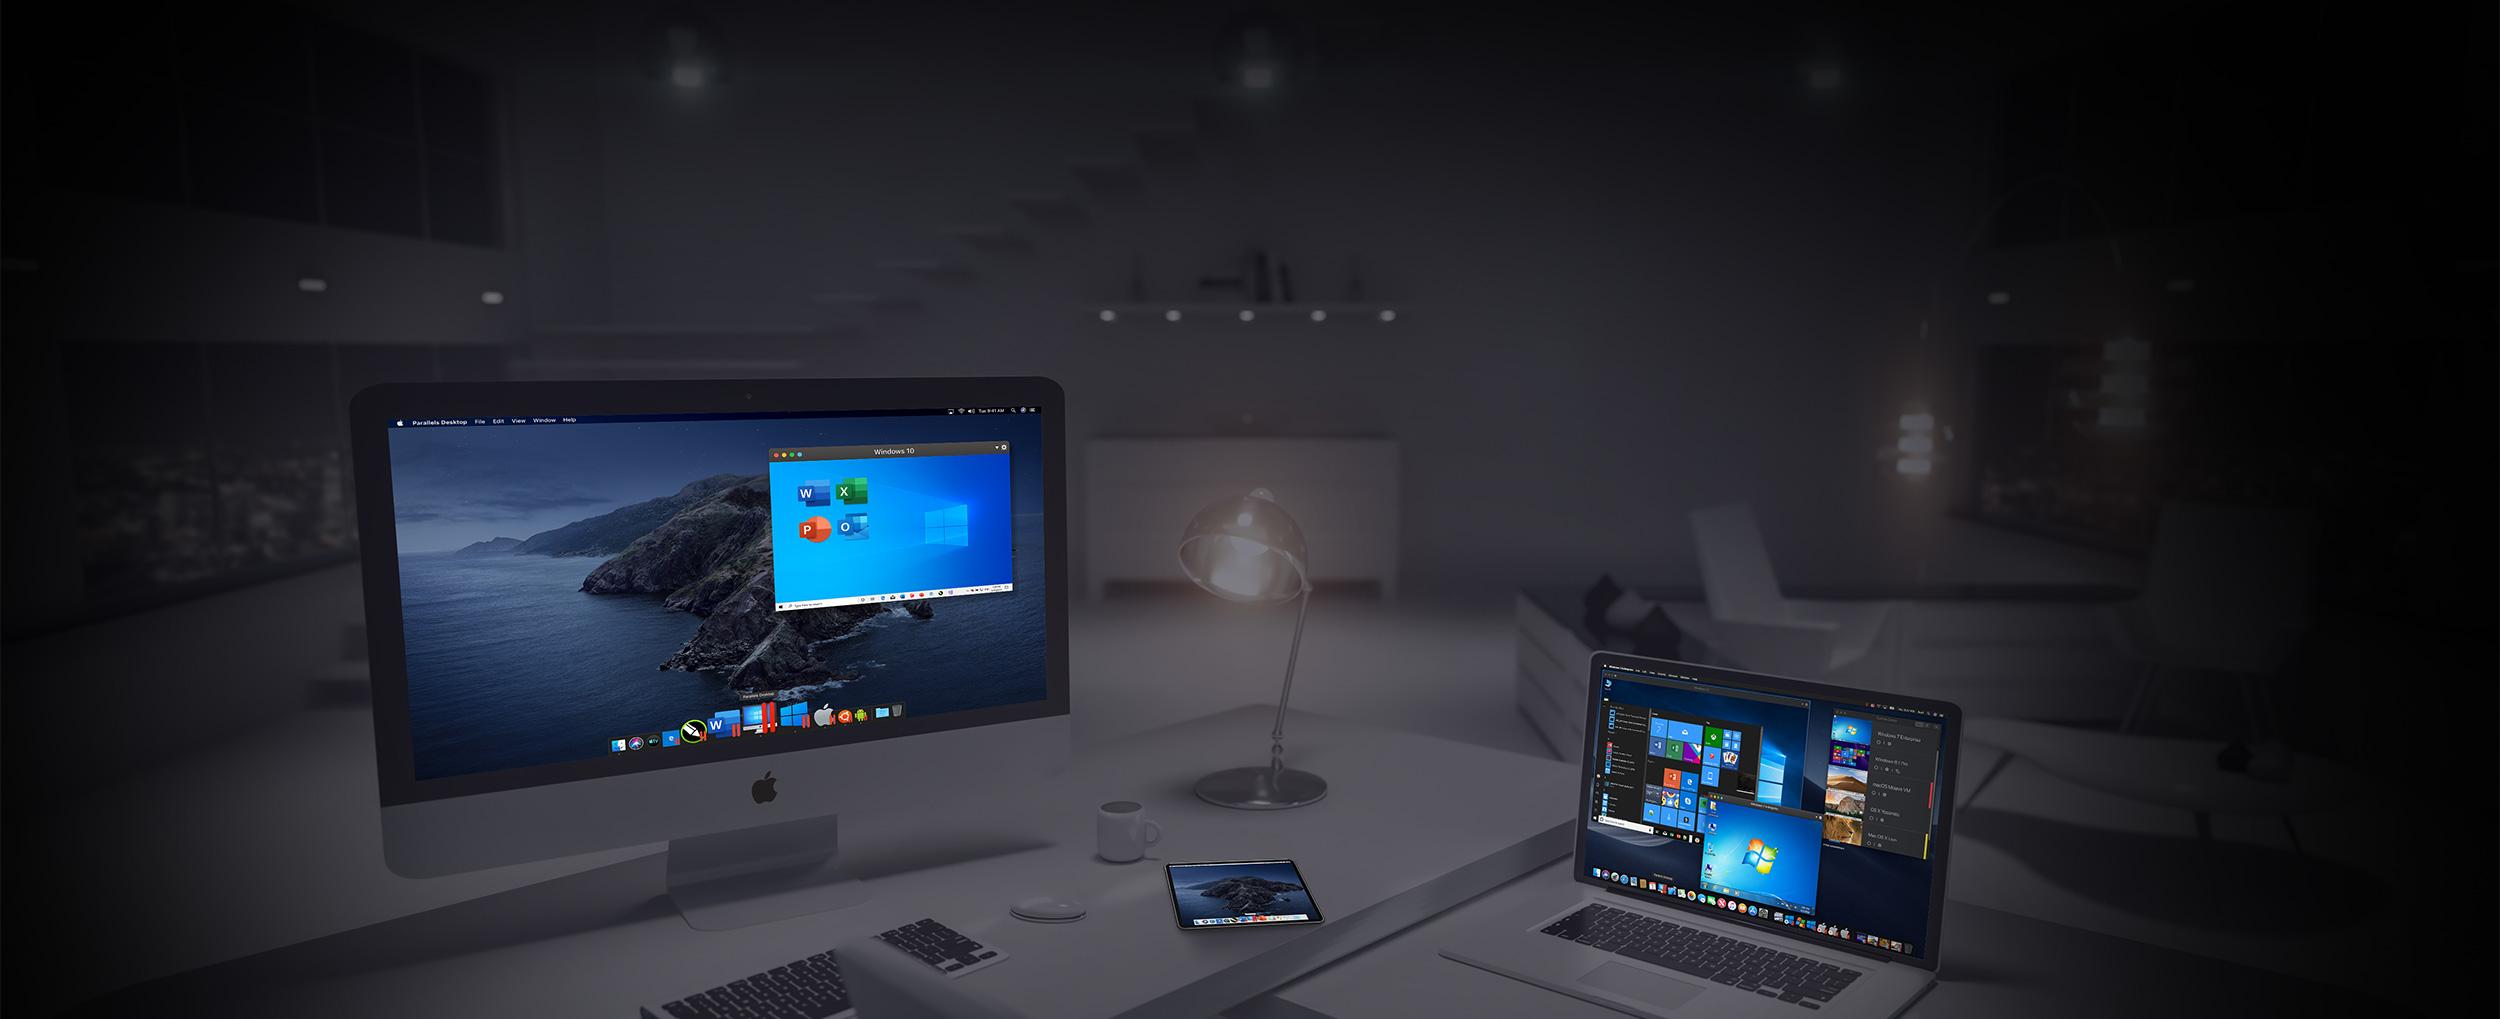 Windows 10 - The Verge